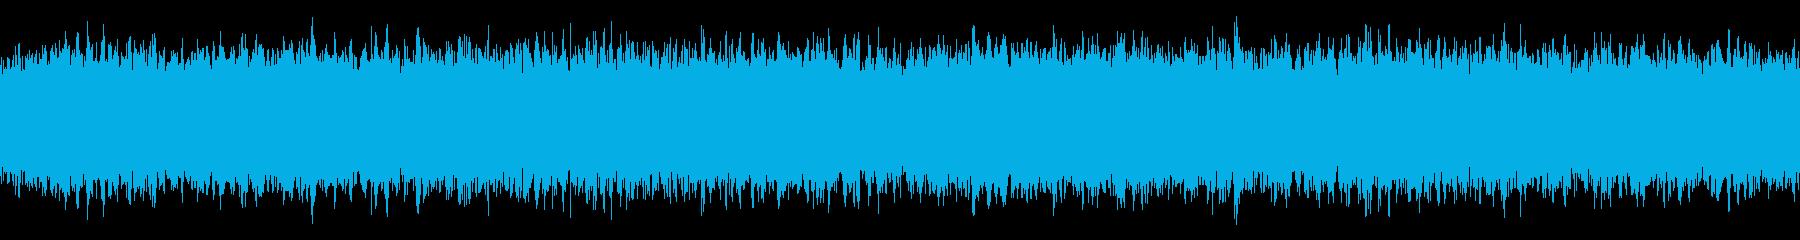 アンビエント・神秘的・リラックス・時計Lの再生済みの波形